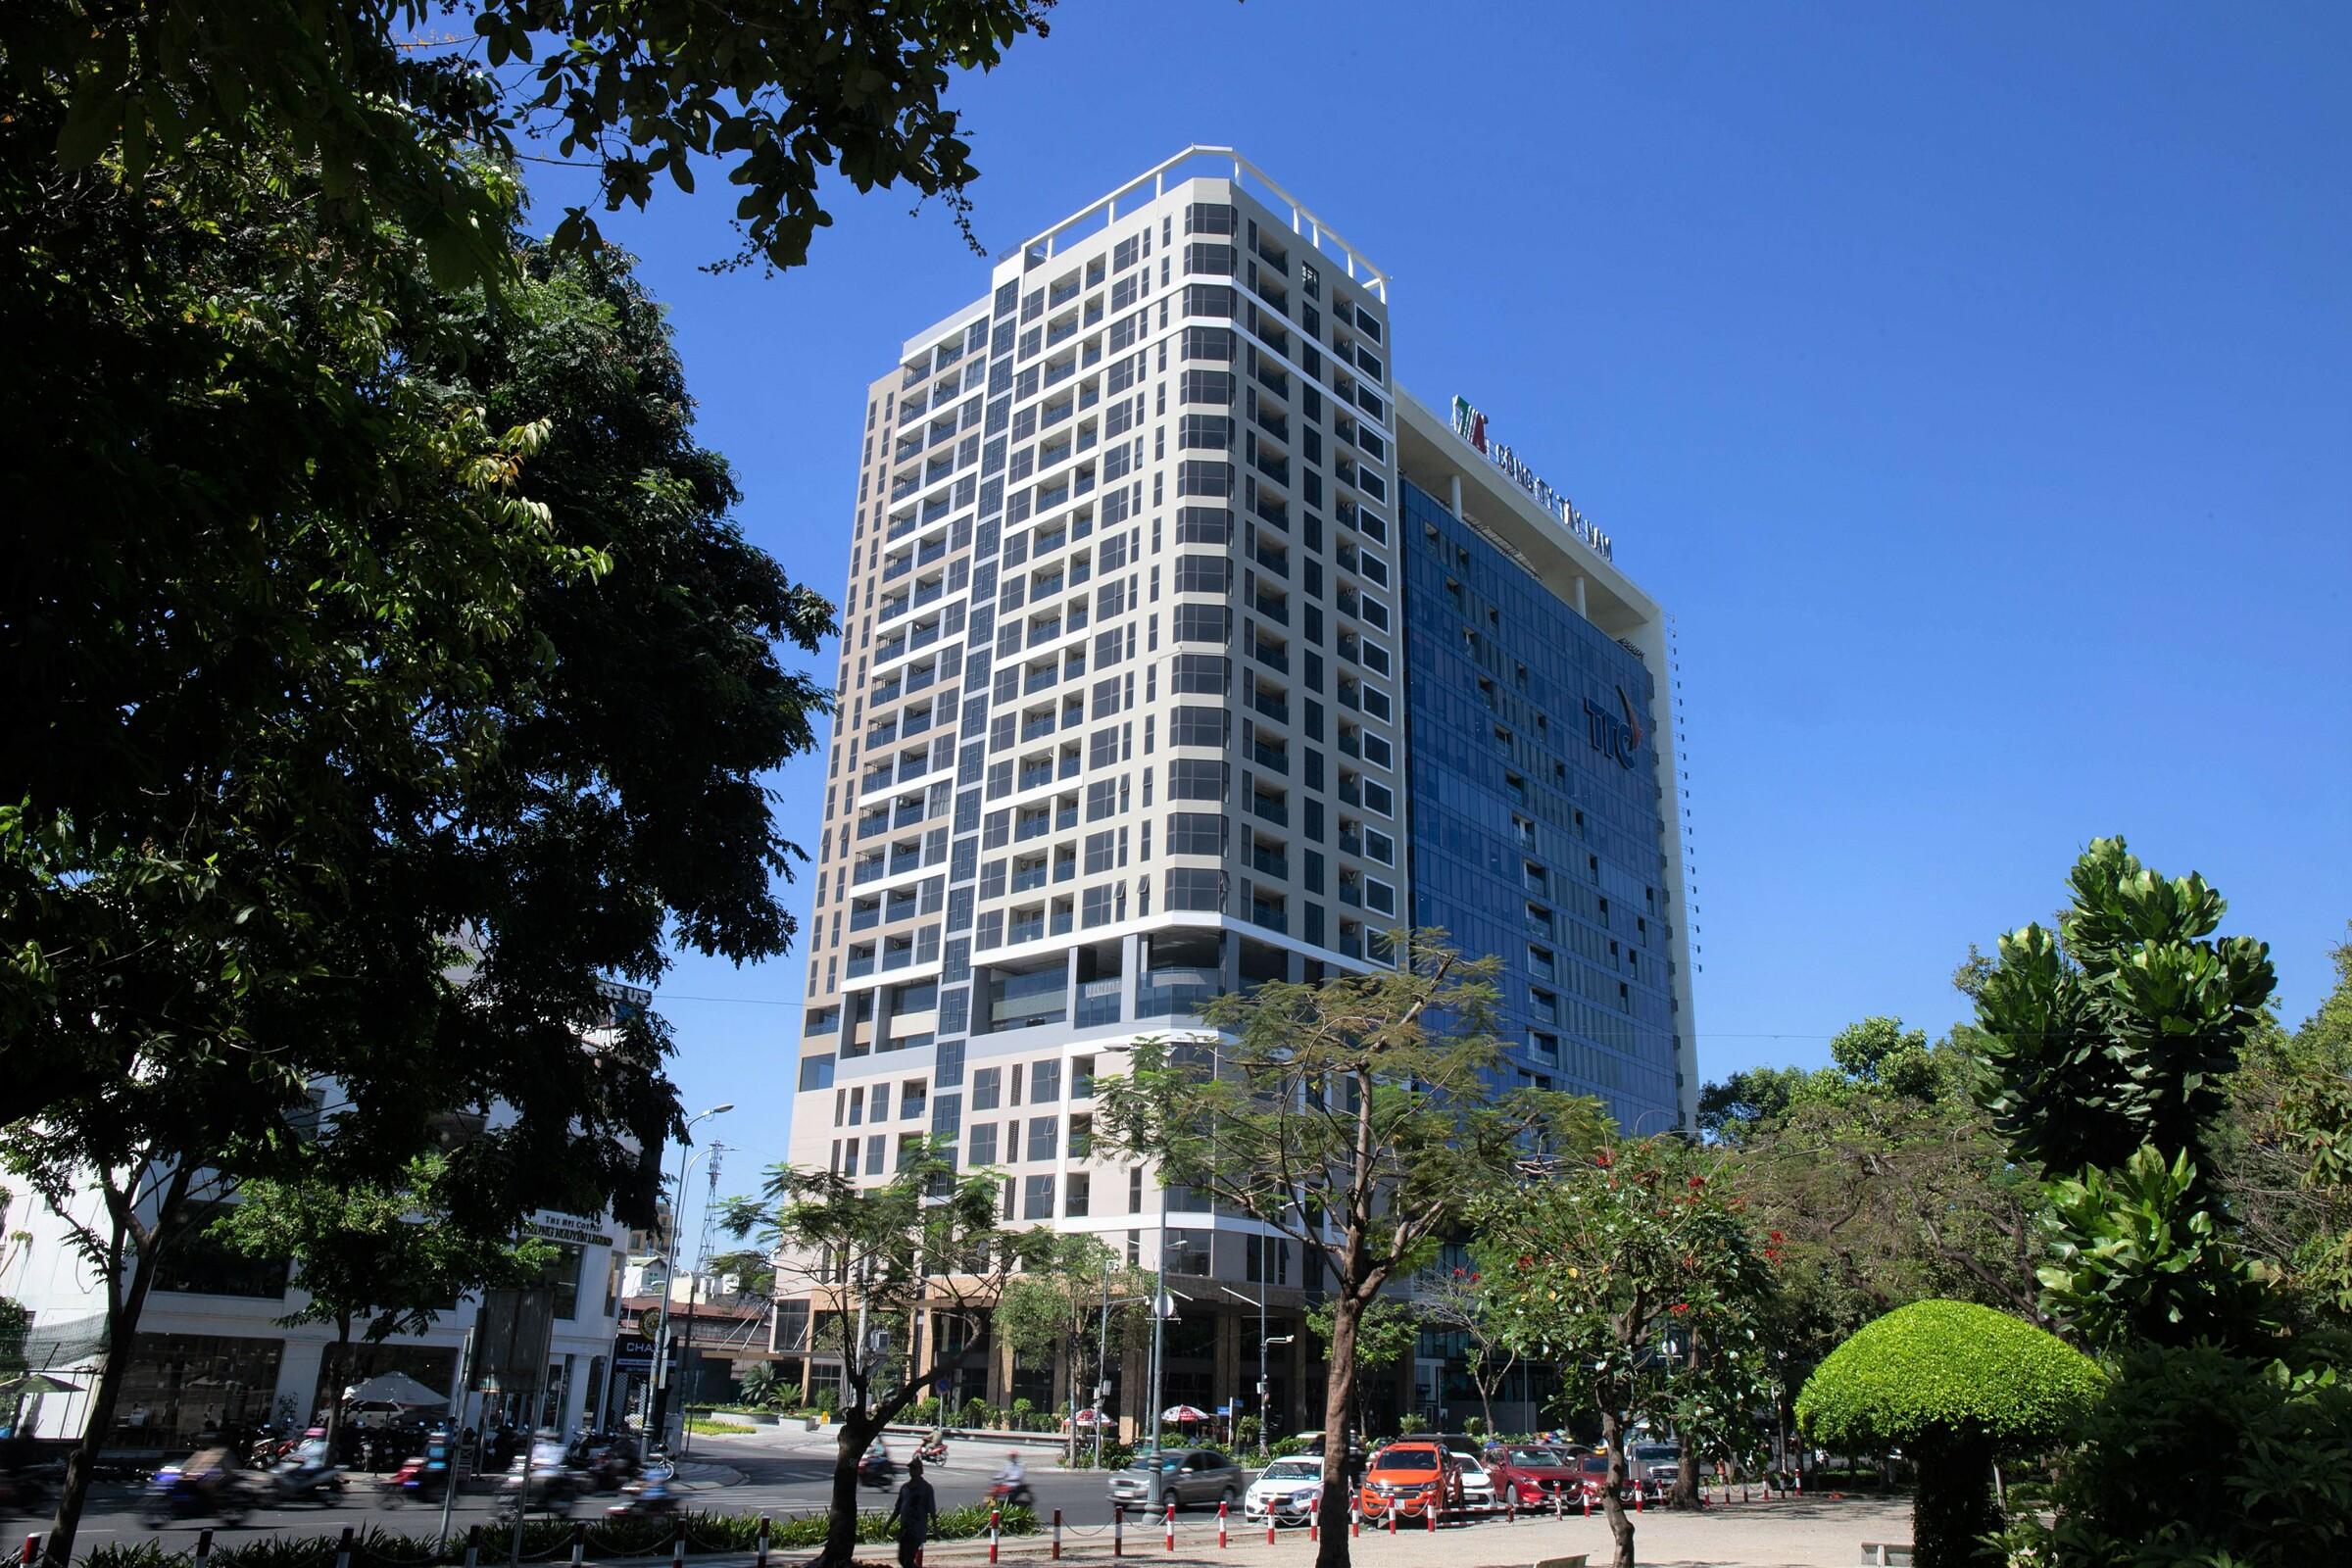 Khu căn hộ Park Legend đã hoàn thiện tọa lạc tại giao lộ Hoàng Văn Thụ - Phạm Văn Hai, quận Tân Bình, TP HCM.  Ảnh: ICC.